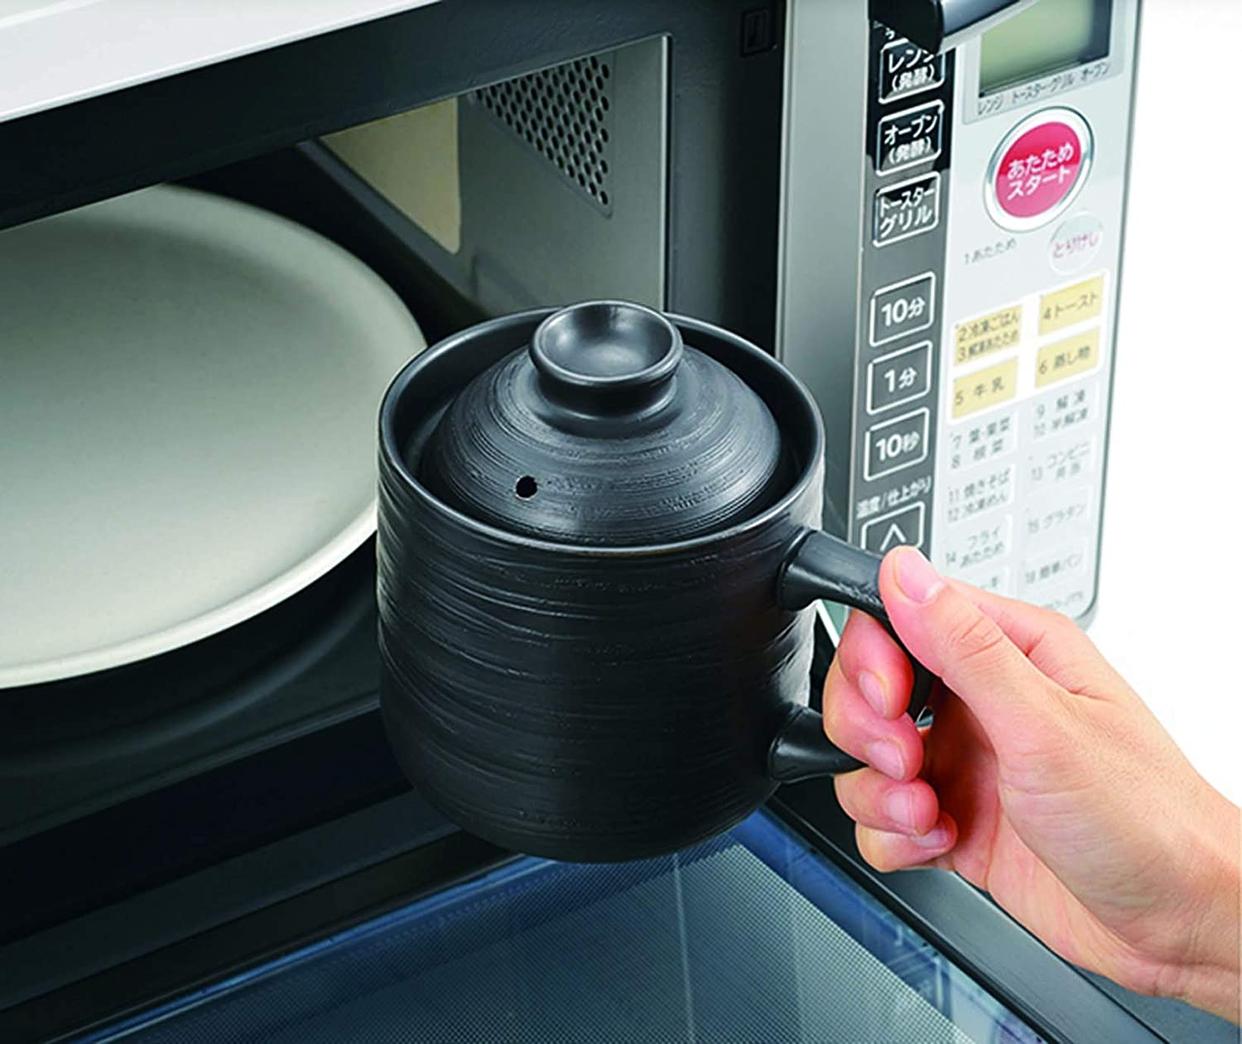 カクセー 電子レンジ専用炊飯陶器 楽炊御膳 T-01Bの商品画像2